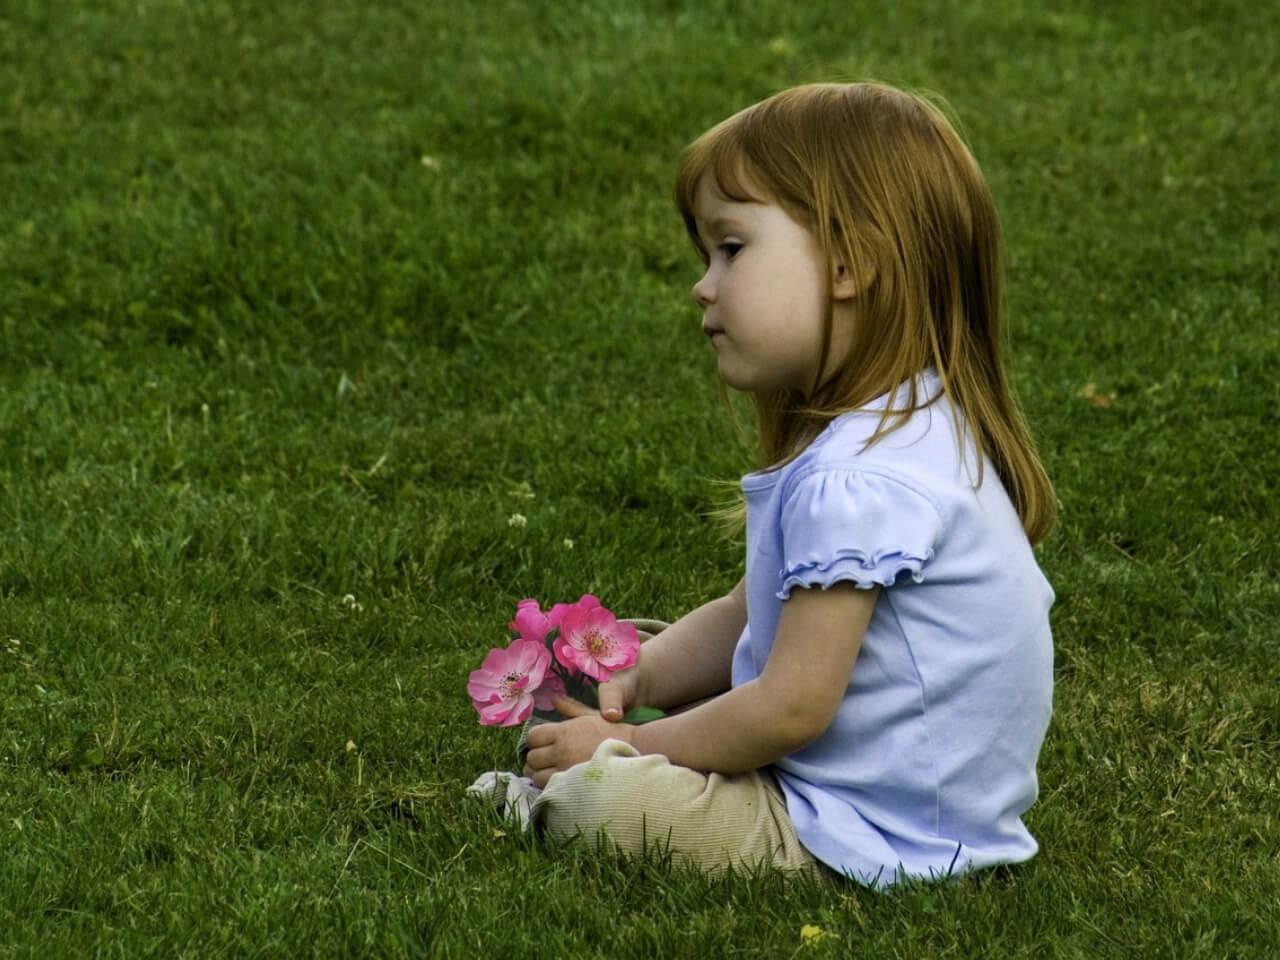 芝生に座って自然な様子の女の子